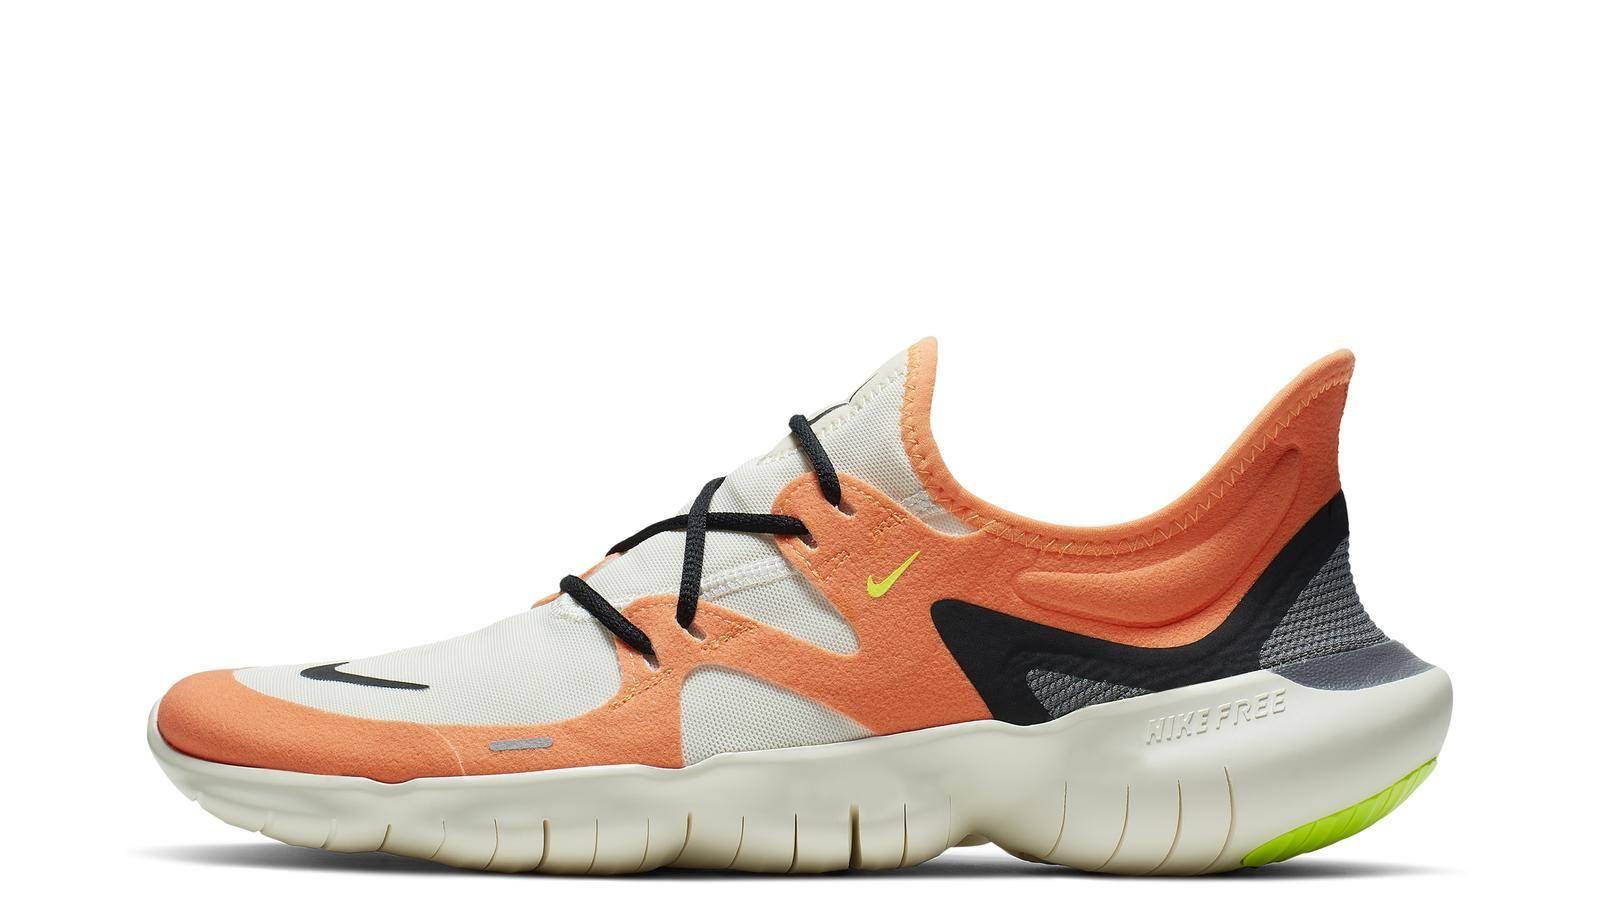 Nike Free Run Flyknit 3.0 and Nike Free Run 5.0 | Nike Shoe